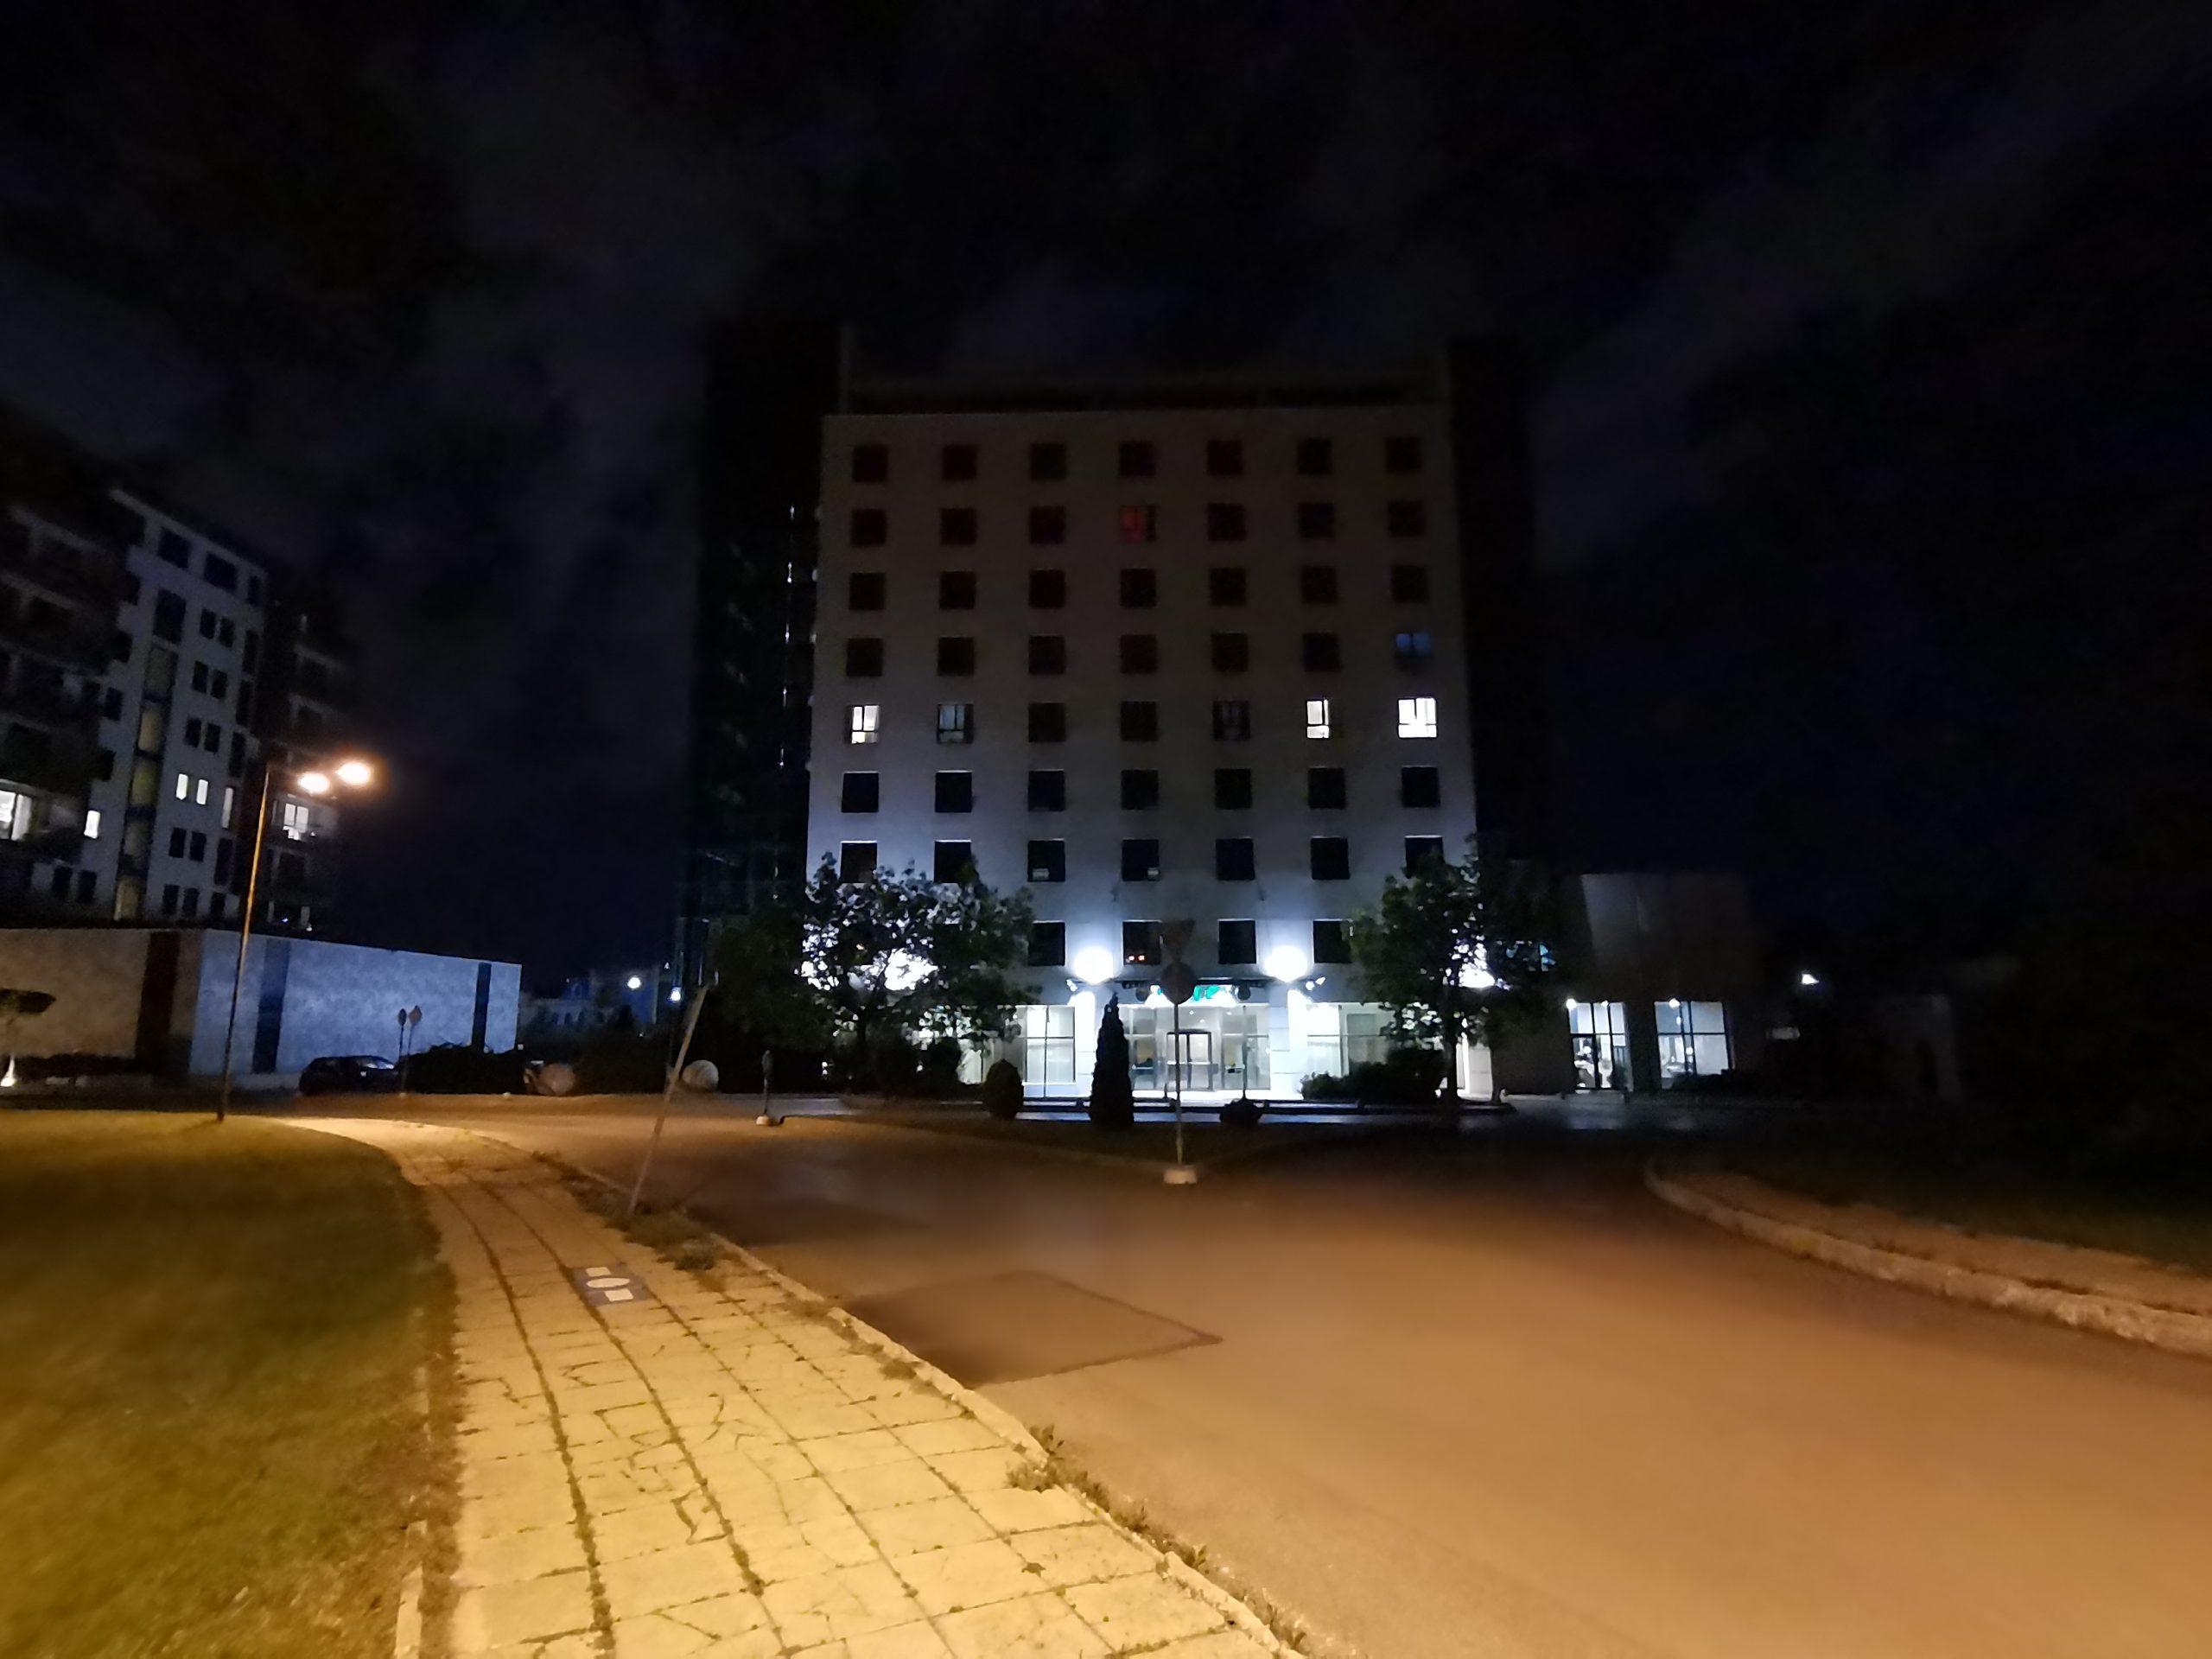 دوربین فوق عریض در شب scaled